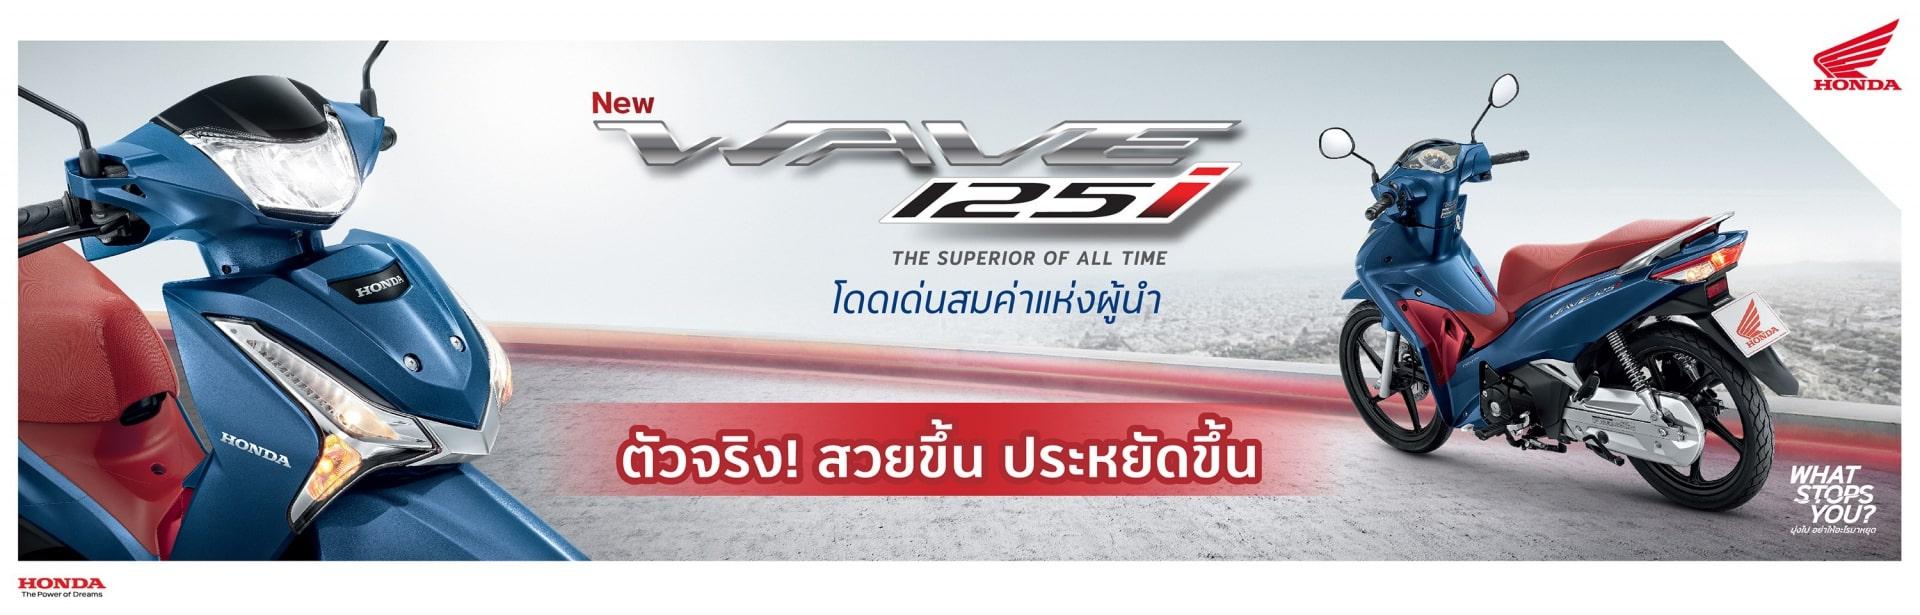 wave125i